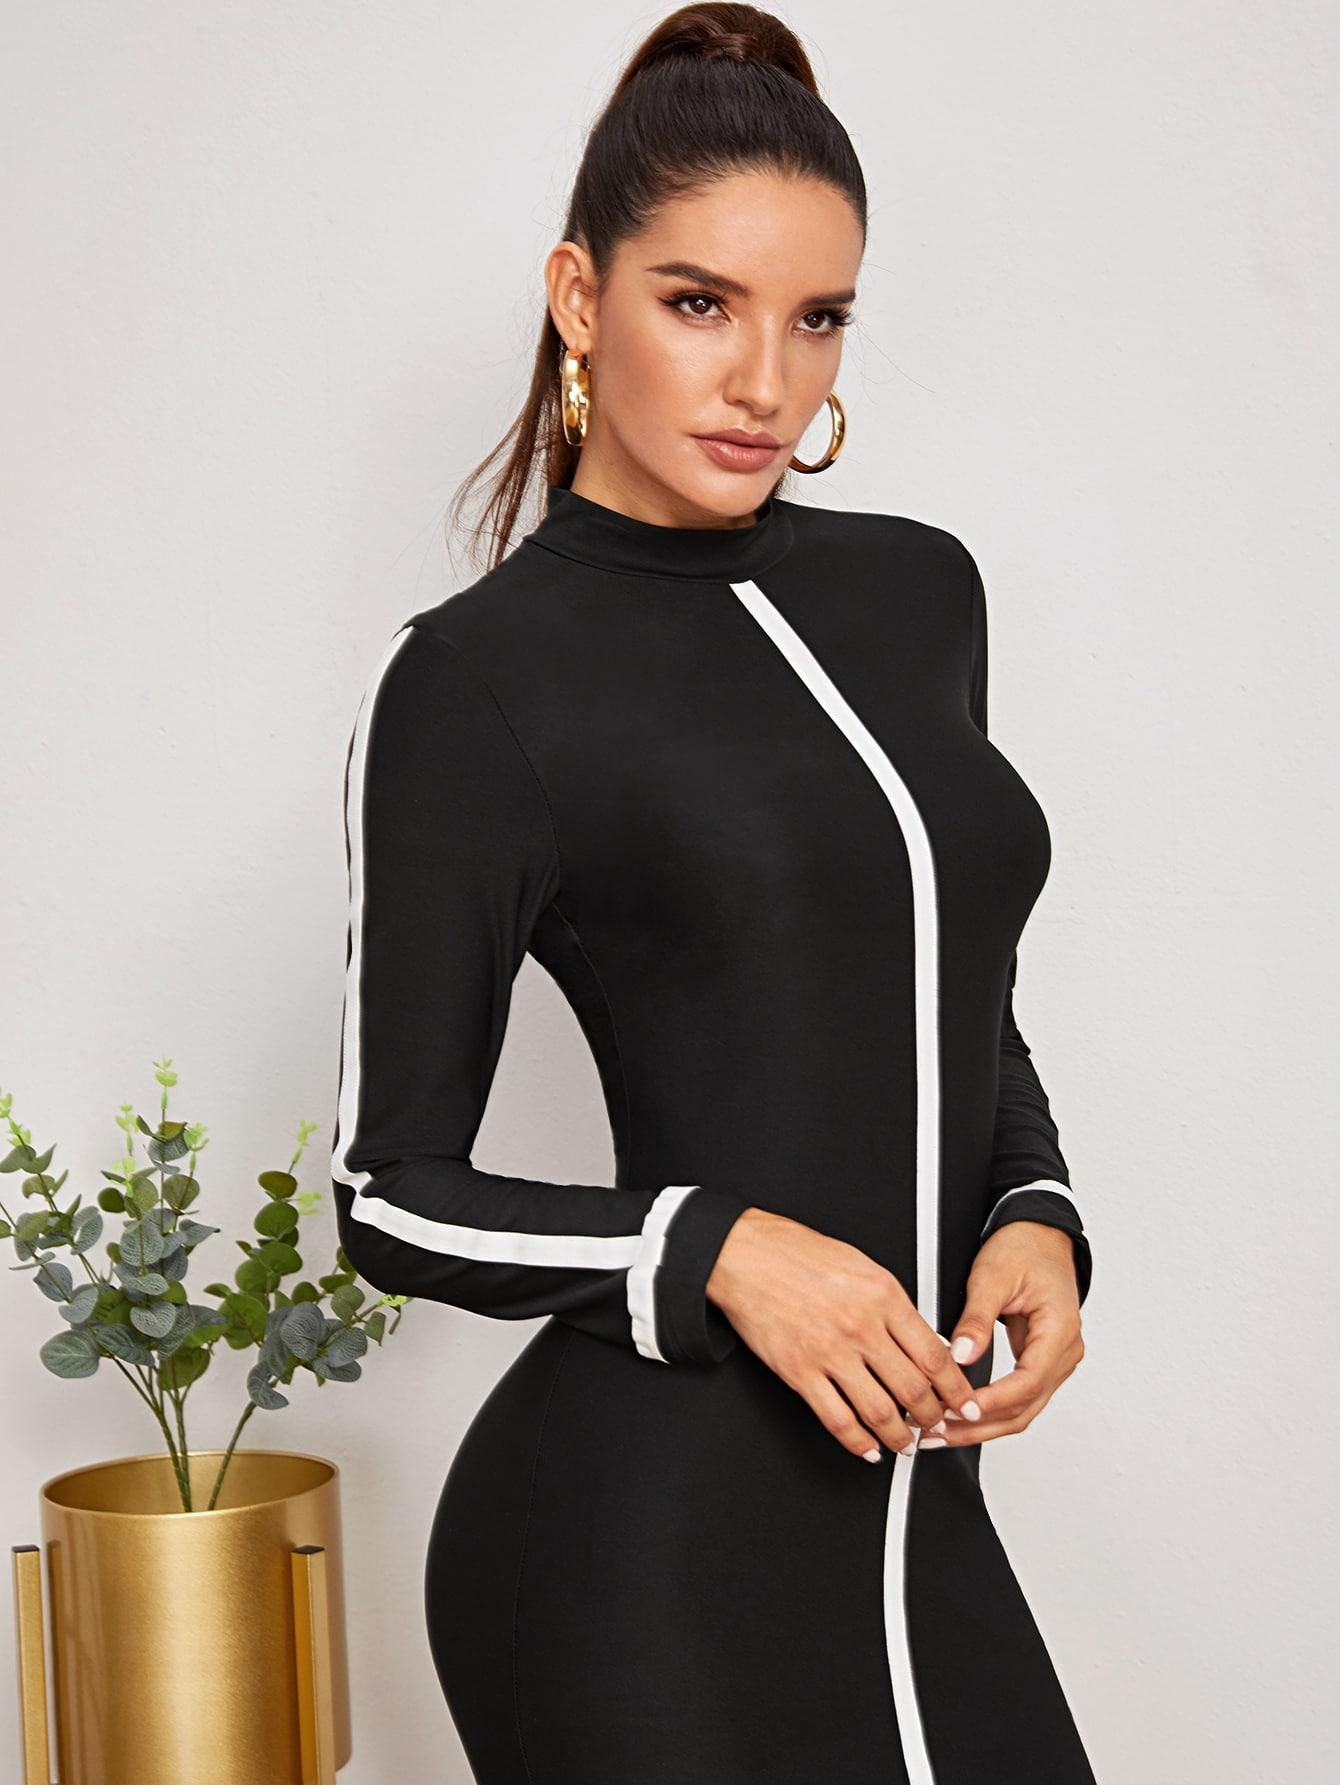 SHEIN / Vestido ajustado de cuello alto con cinta en contraste